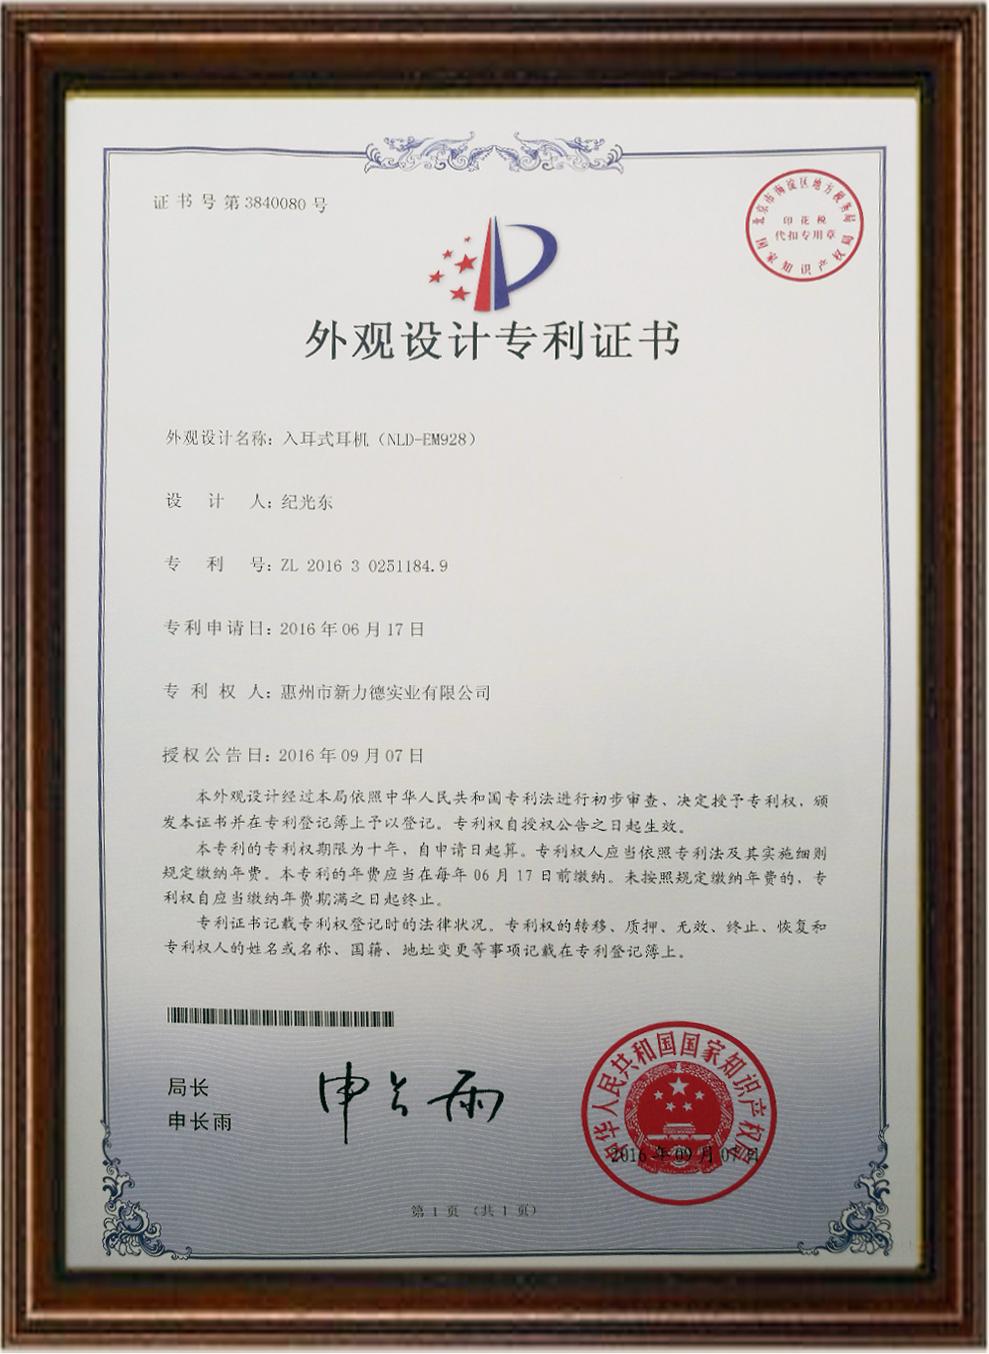 NLD-EM928专利